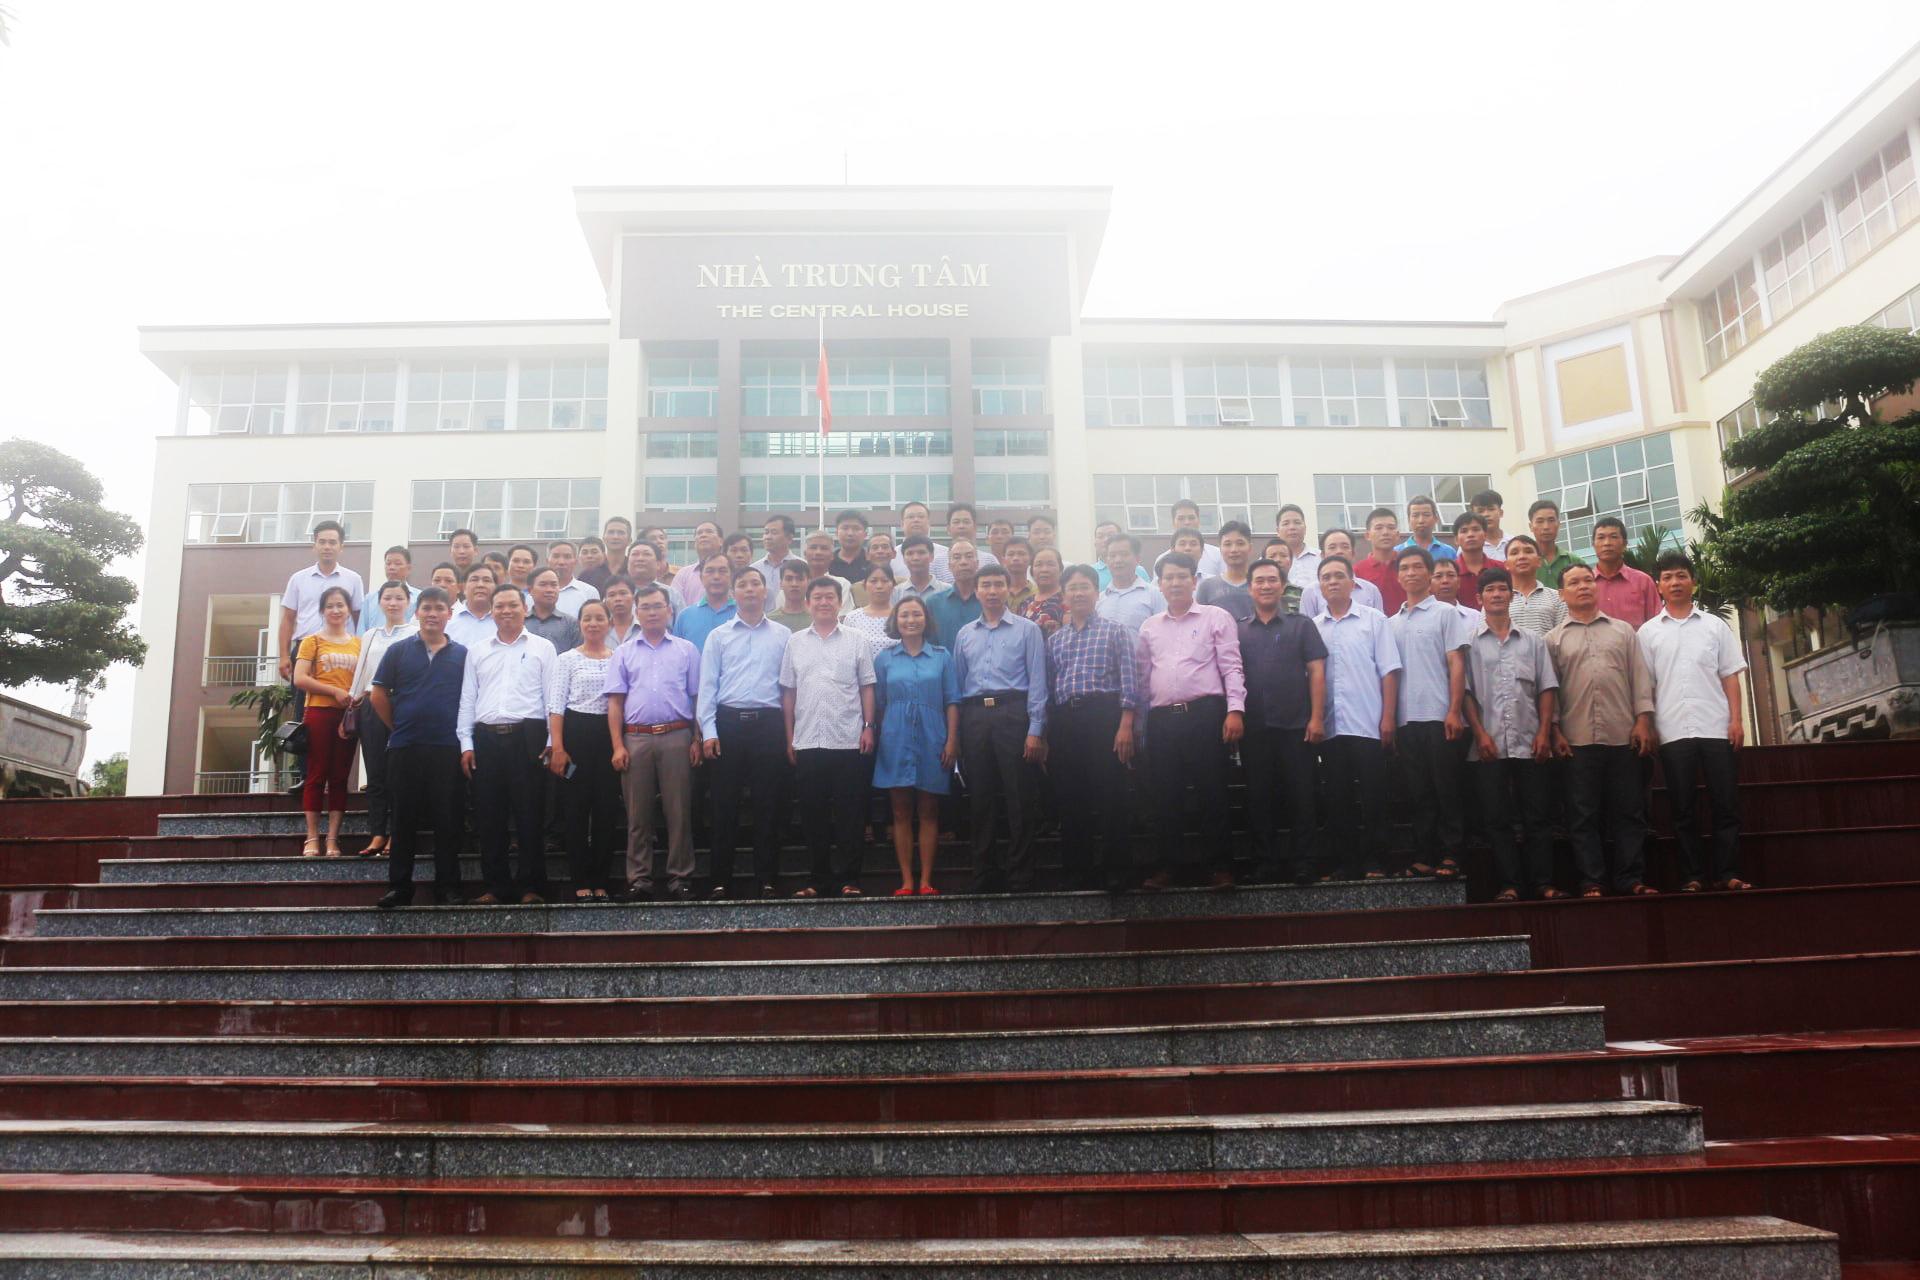 Các đại biểu và các hộ nông dân thuộc dự án Ong Ba Bể chụp ảnh trước tòa Nhà Trung tâm - ĐH Nông lâm